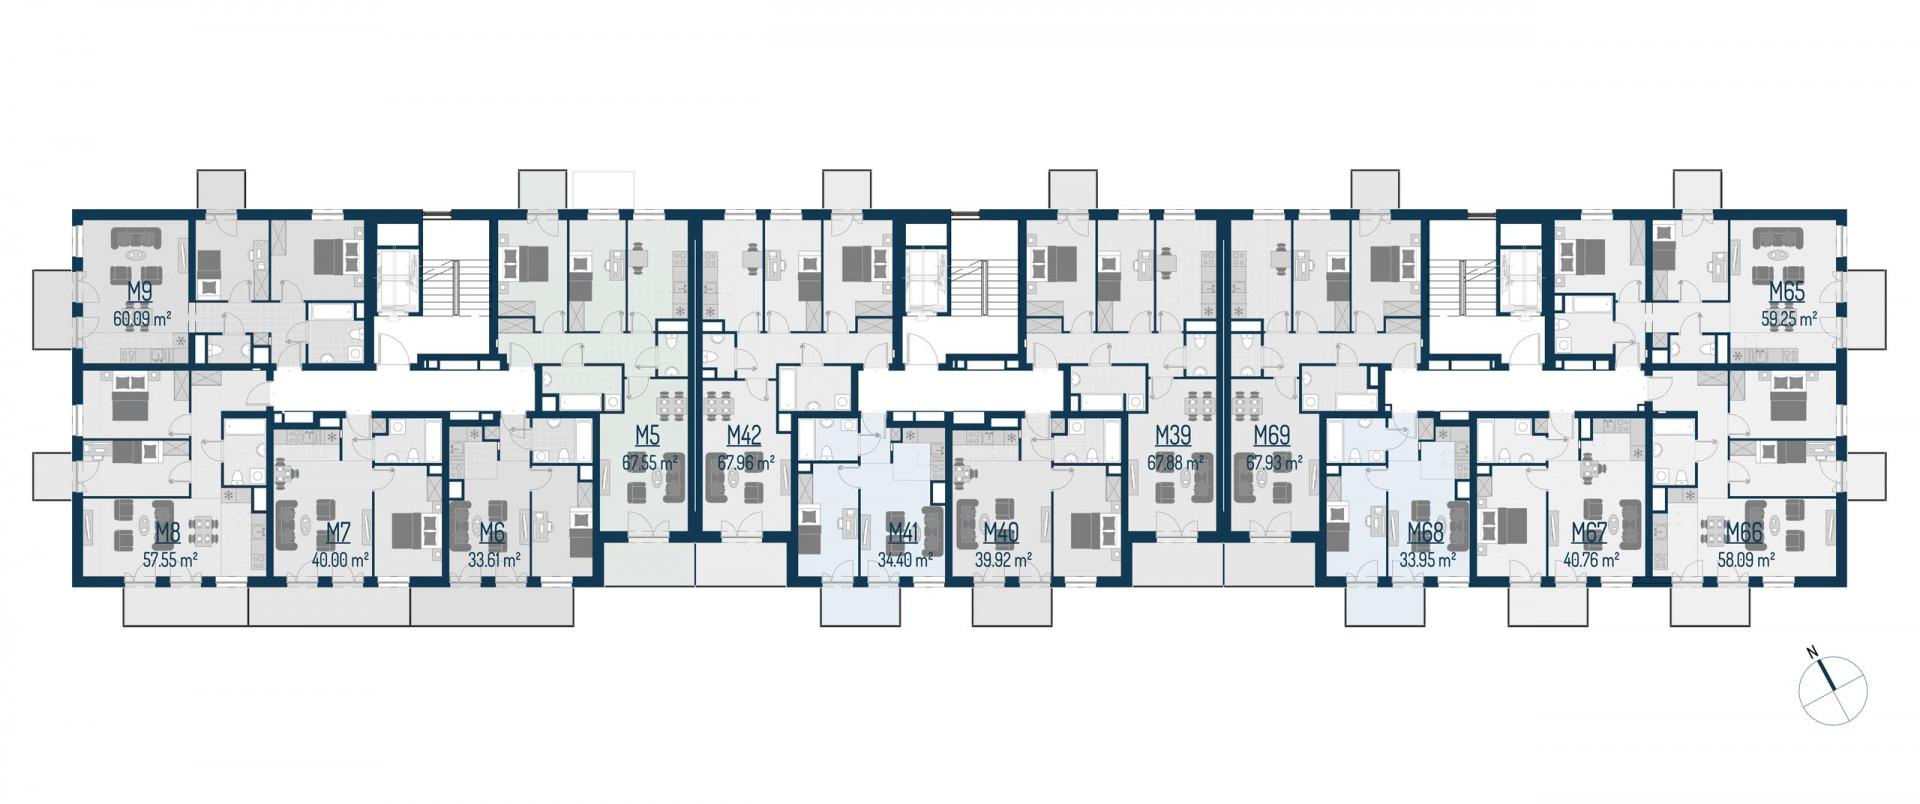 Zdrowe Stylove / budynek 1 / mieszkanie nr M66 rzut 2